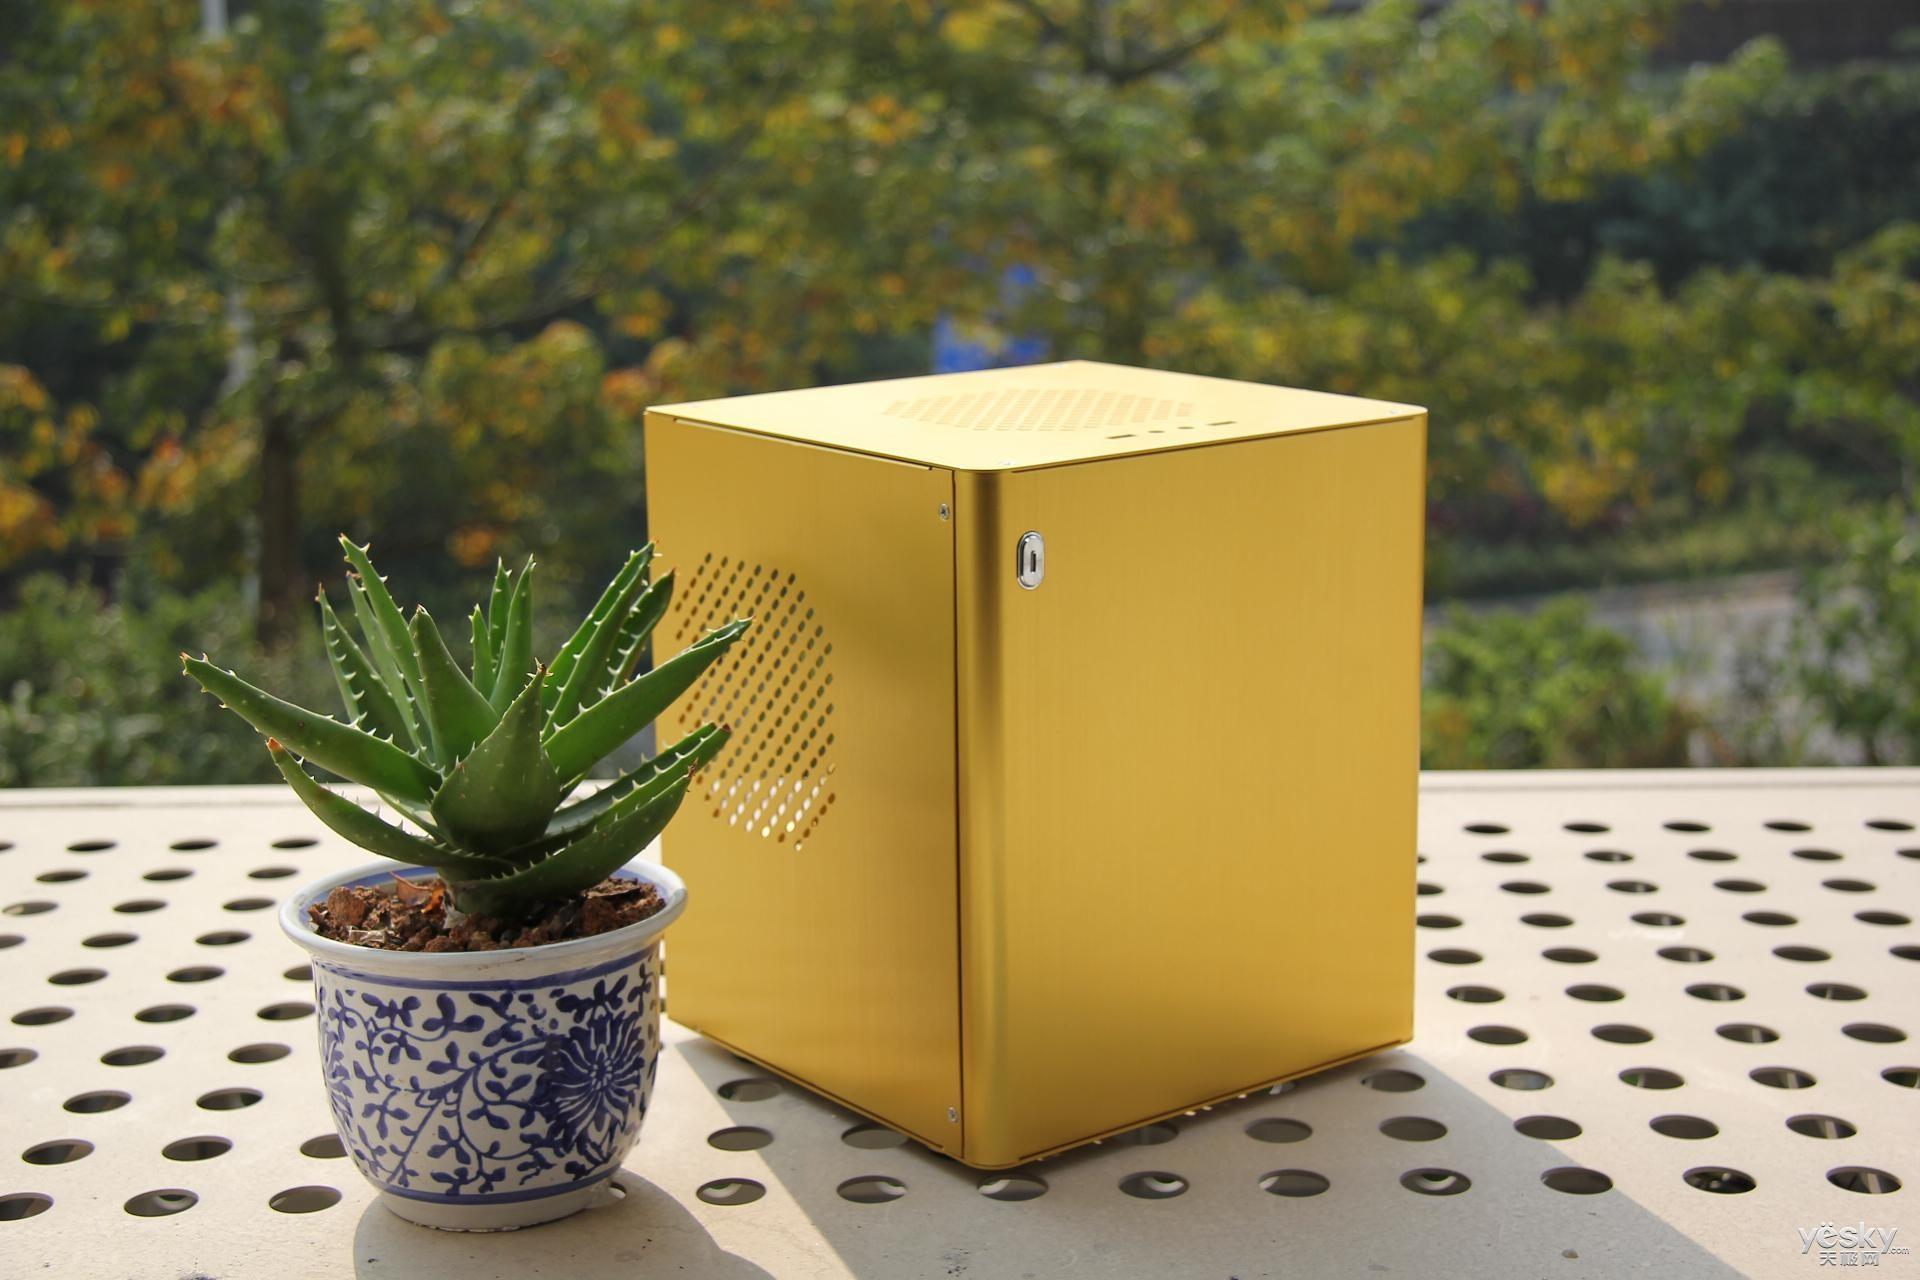 12月7日,小编拿到了立人电脑的一台土豪金机箱手工样机,全铝机箱新品E-D3,刚好家里有一套闲置的配件,于是就在家里开装了!    土豪金迷你机箱:立人全铝新品E-D3   由于是手工样机,无专属包装,直接亮机!机箱三维尺寸为:222mm(宽)*251.5mm(高)*213mm(深),摆放于桌面十分小巧,估计只能兼容安装17cm*17cm规格的ITX小板,实测主板规格可以扩大到19cm*22cm,只是会显得比较拥挤。   机箱六面可独立拆卸,能兼容ATX电源、全高显卡,顶置12cm风扇位给散热提